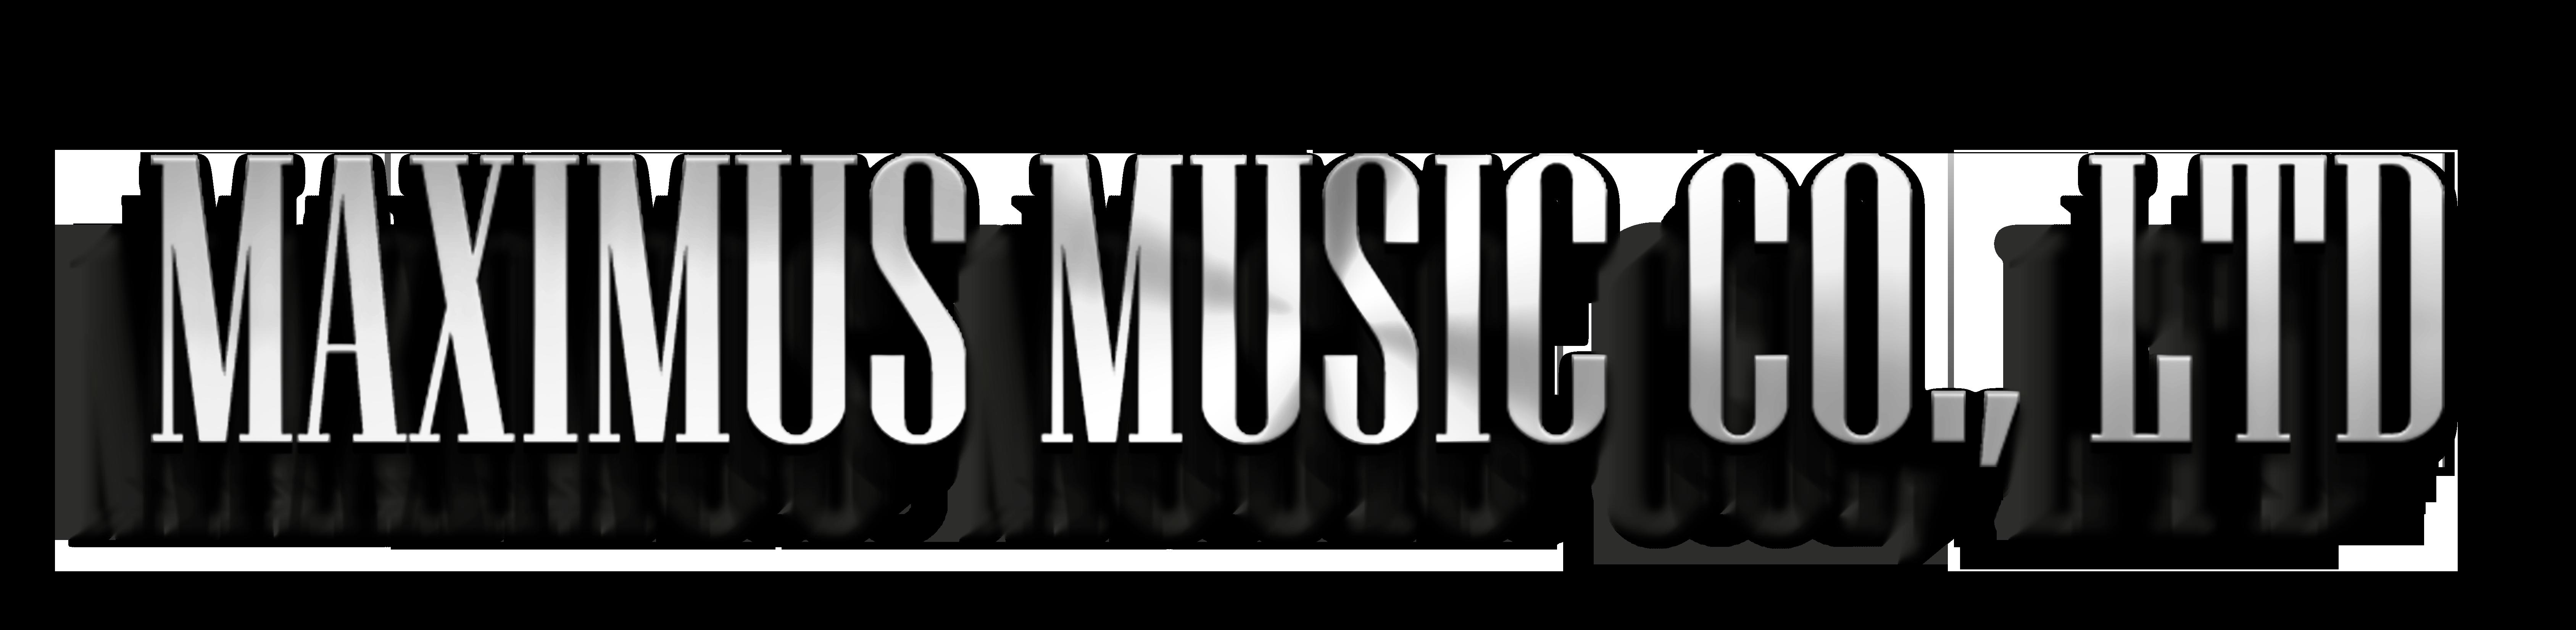 MaximusStudio-title-1